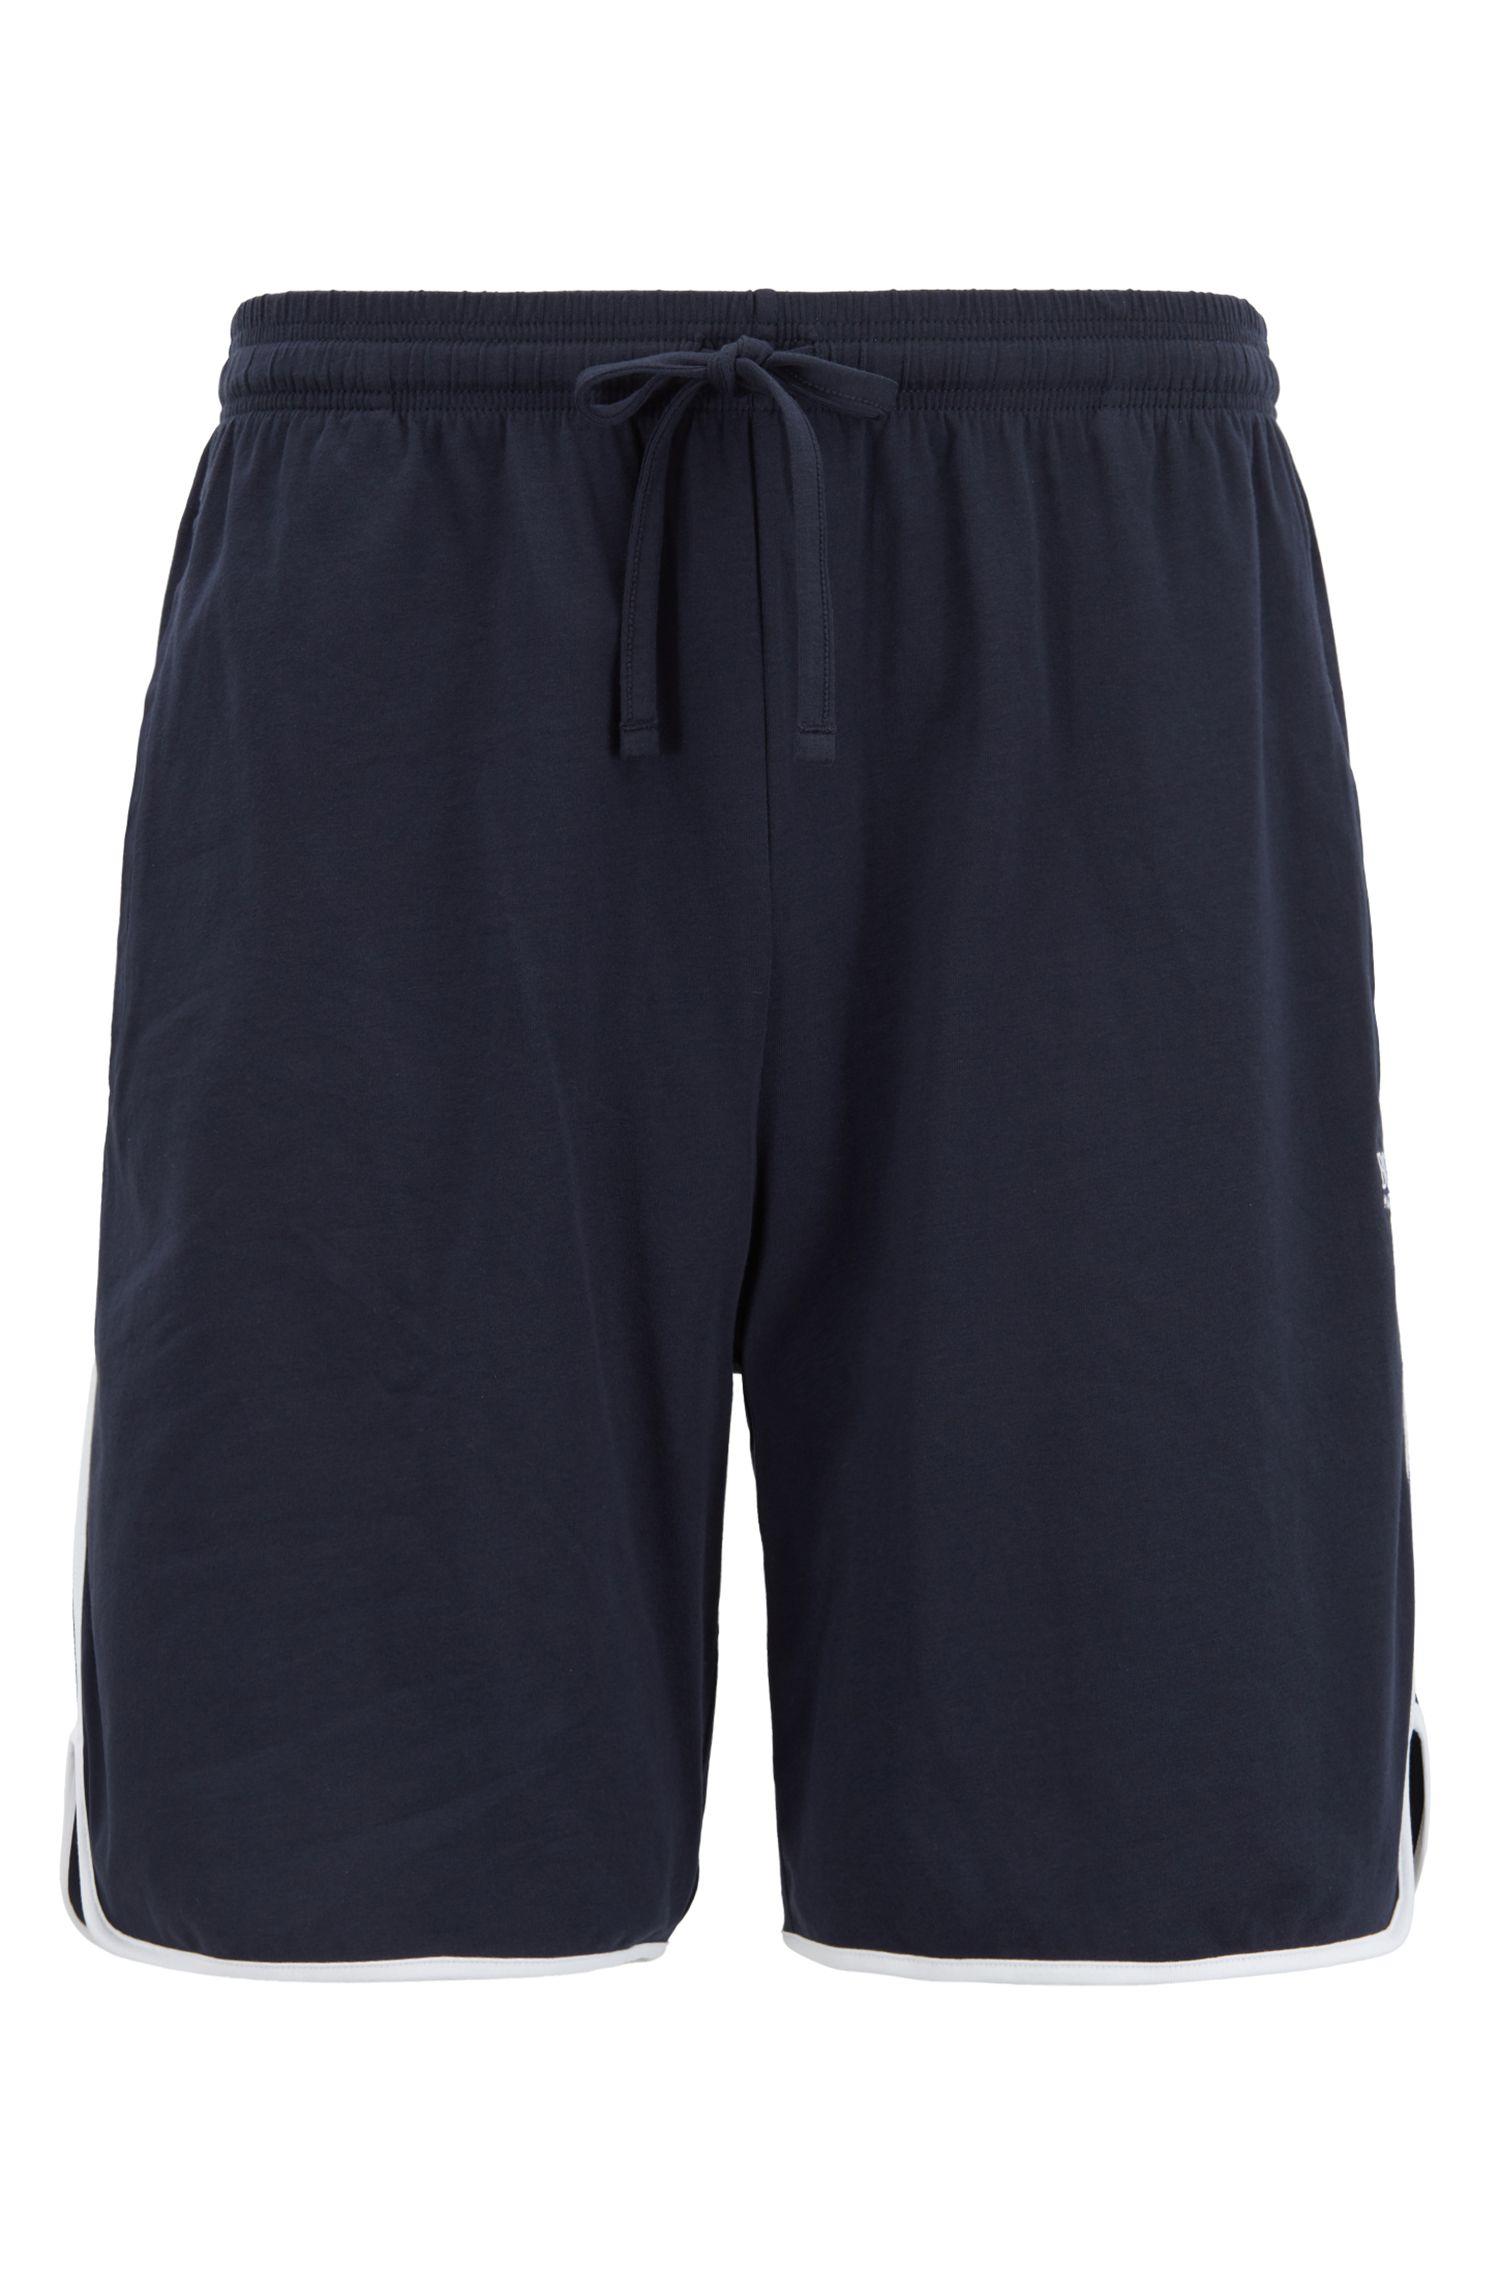 Short d'intérieur en coton stretch à passepoils contrastants, Bleu foncé